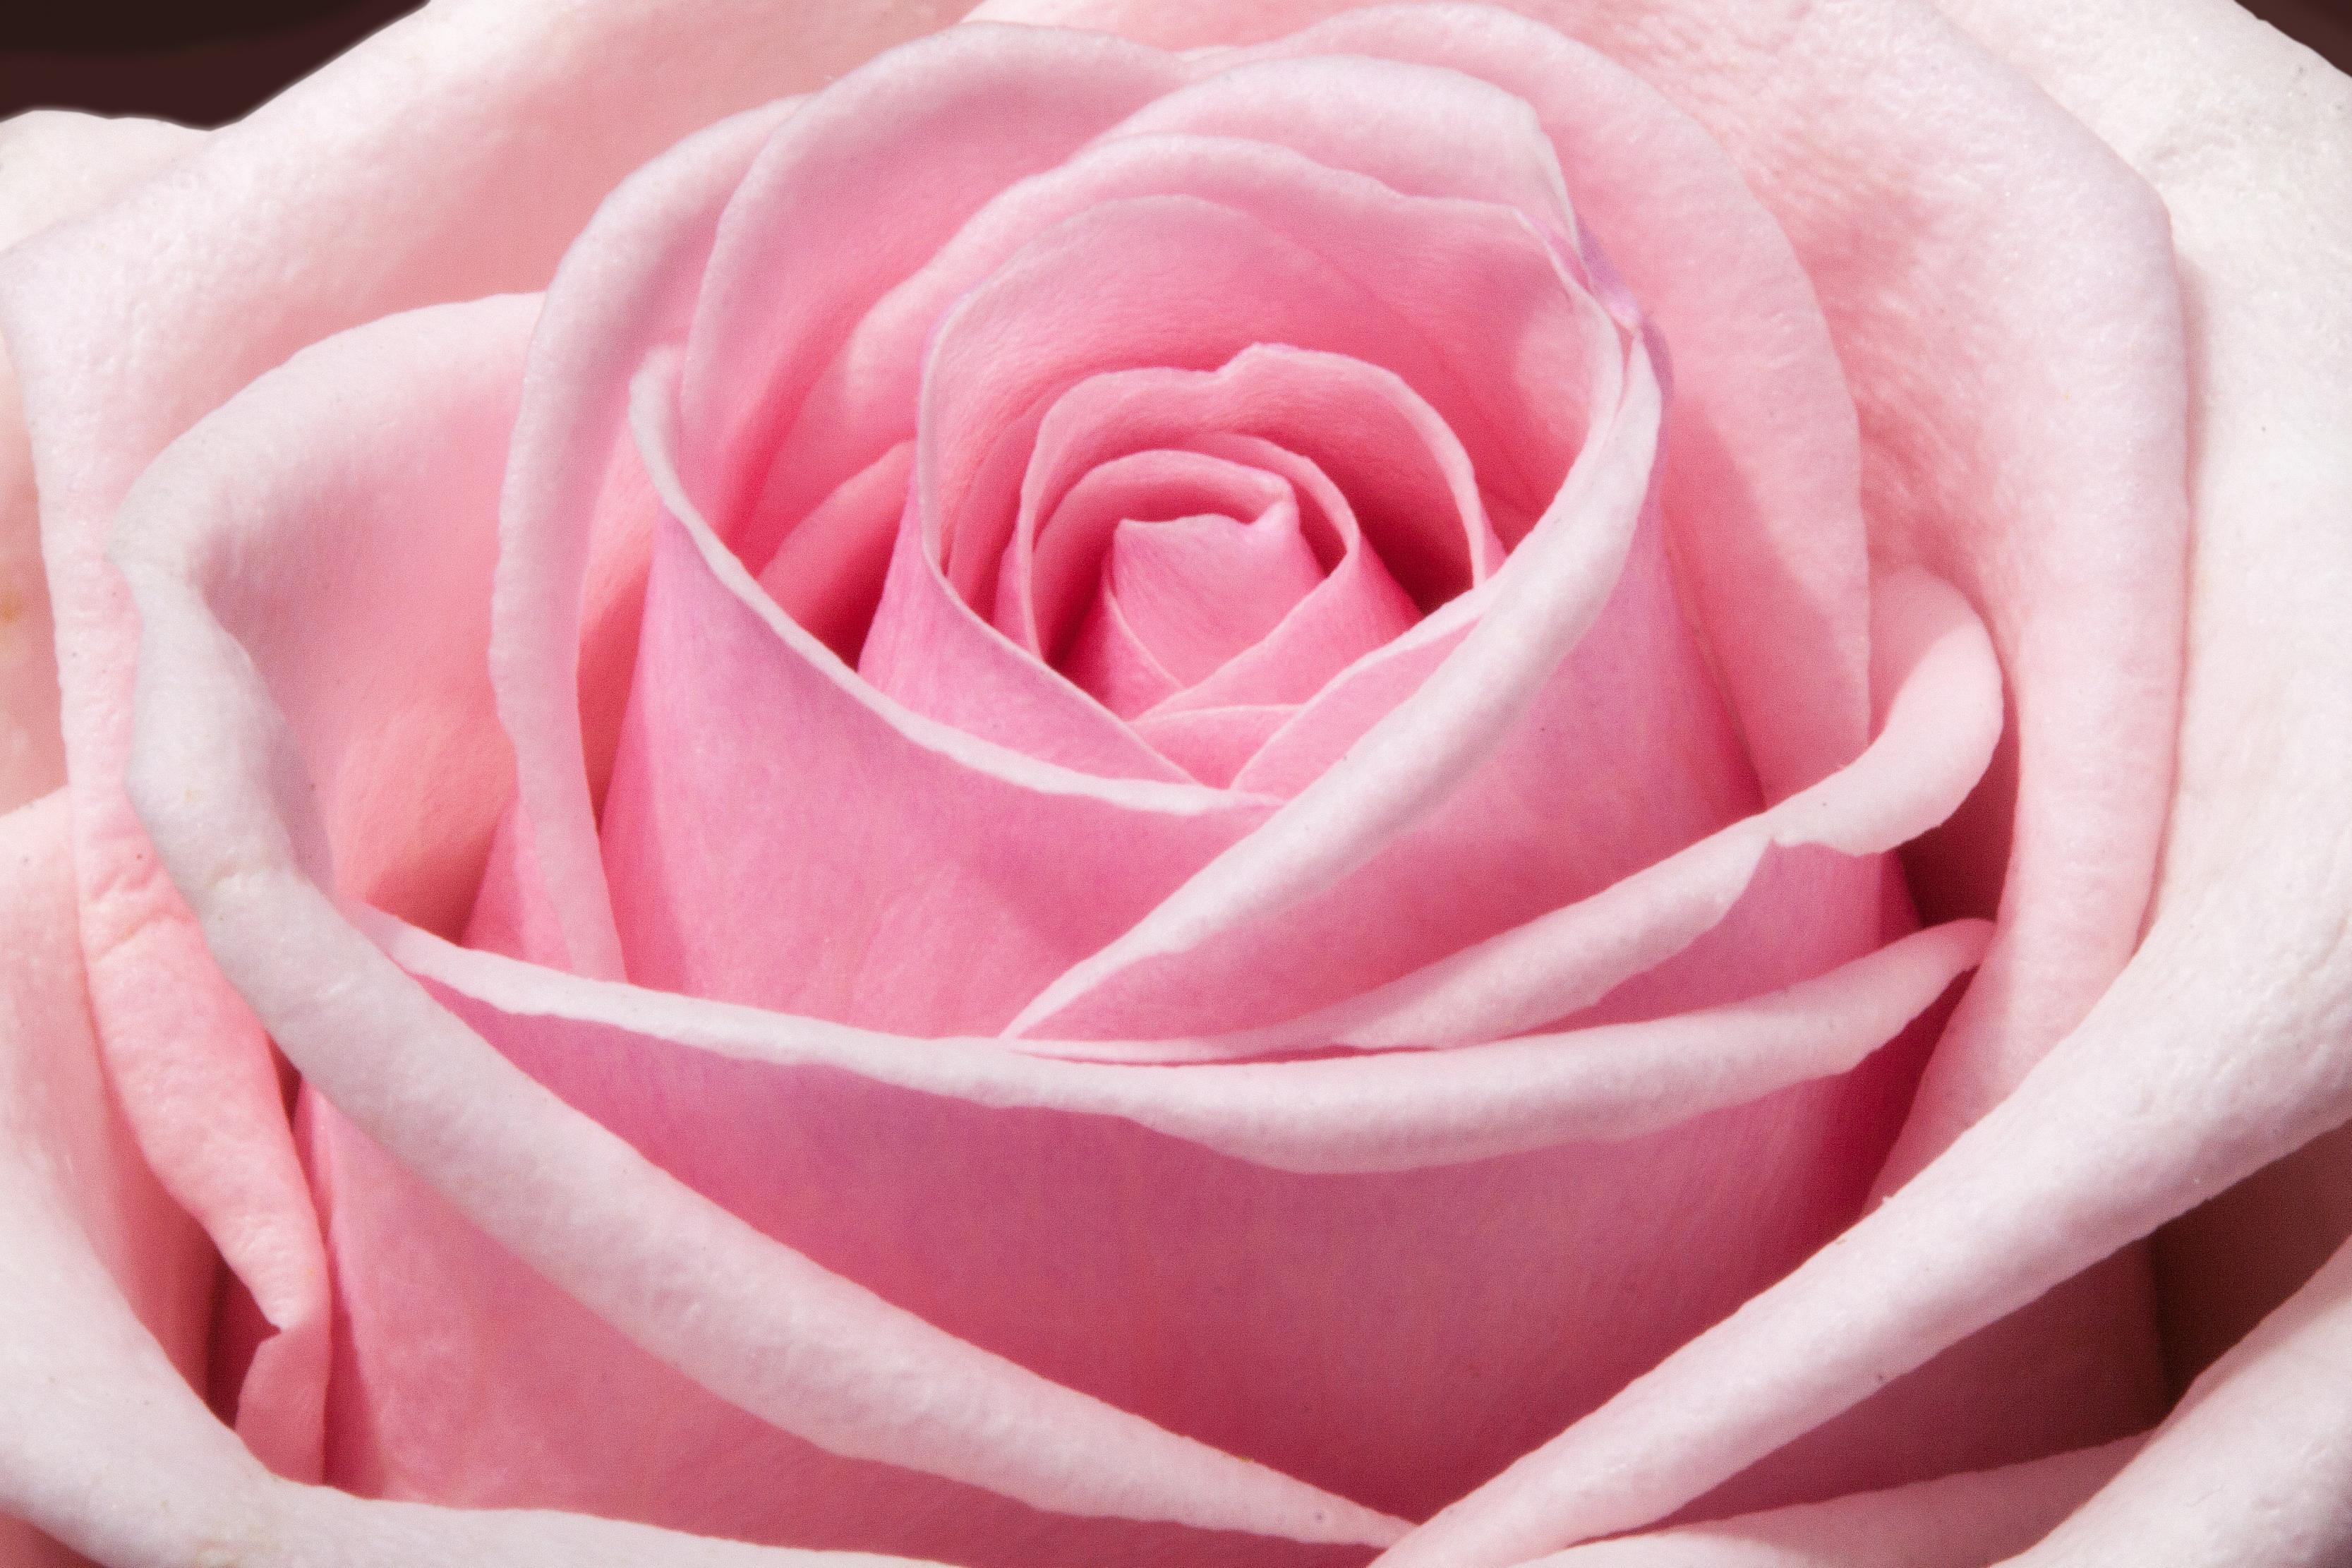 بالصور اجمل وردة في العالم , ماهى انواع الورد